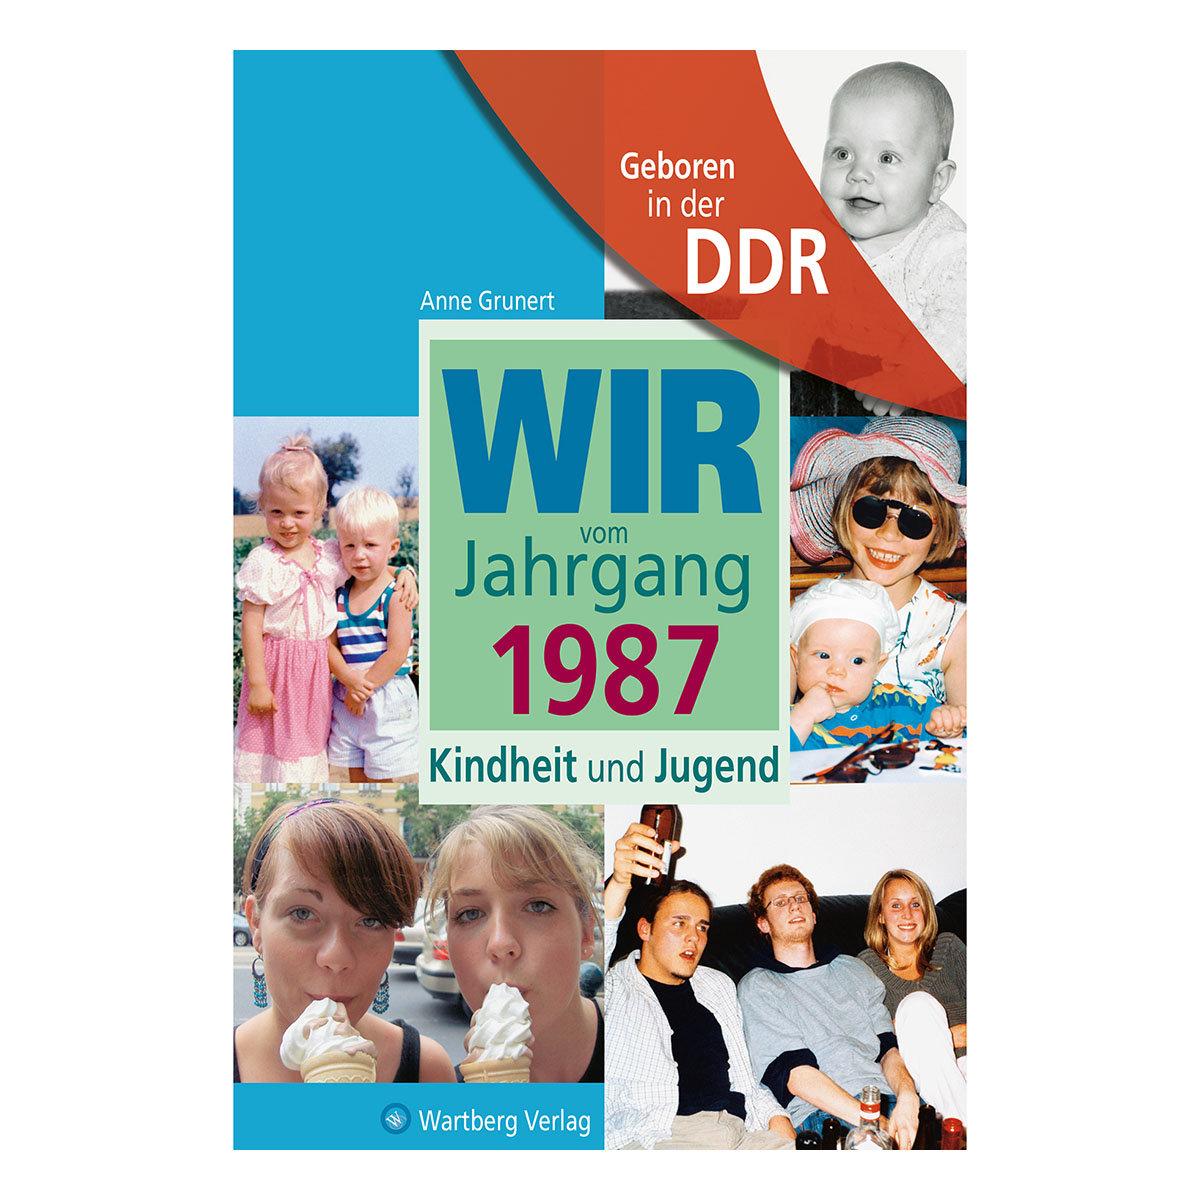 Geboren in der DDR - Wir vom Jahrgang 1987 - Kindheit und Jugend